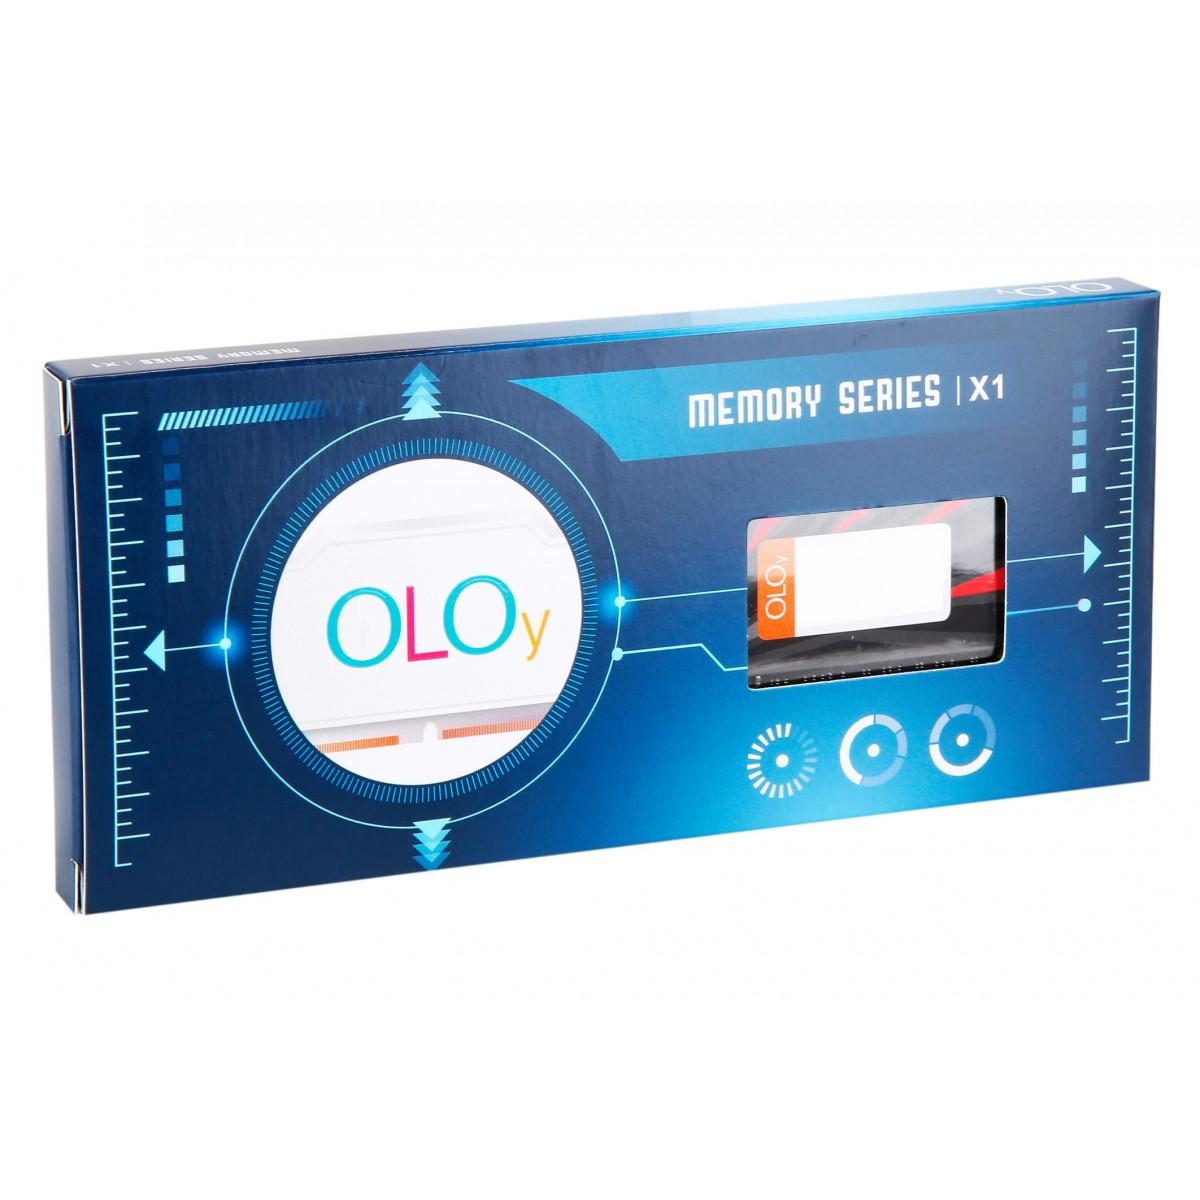 Memória DDR4 OLOy Hummingbird, 16GB, 2666MHZ, Red/Black, MD4U162619BBSA